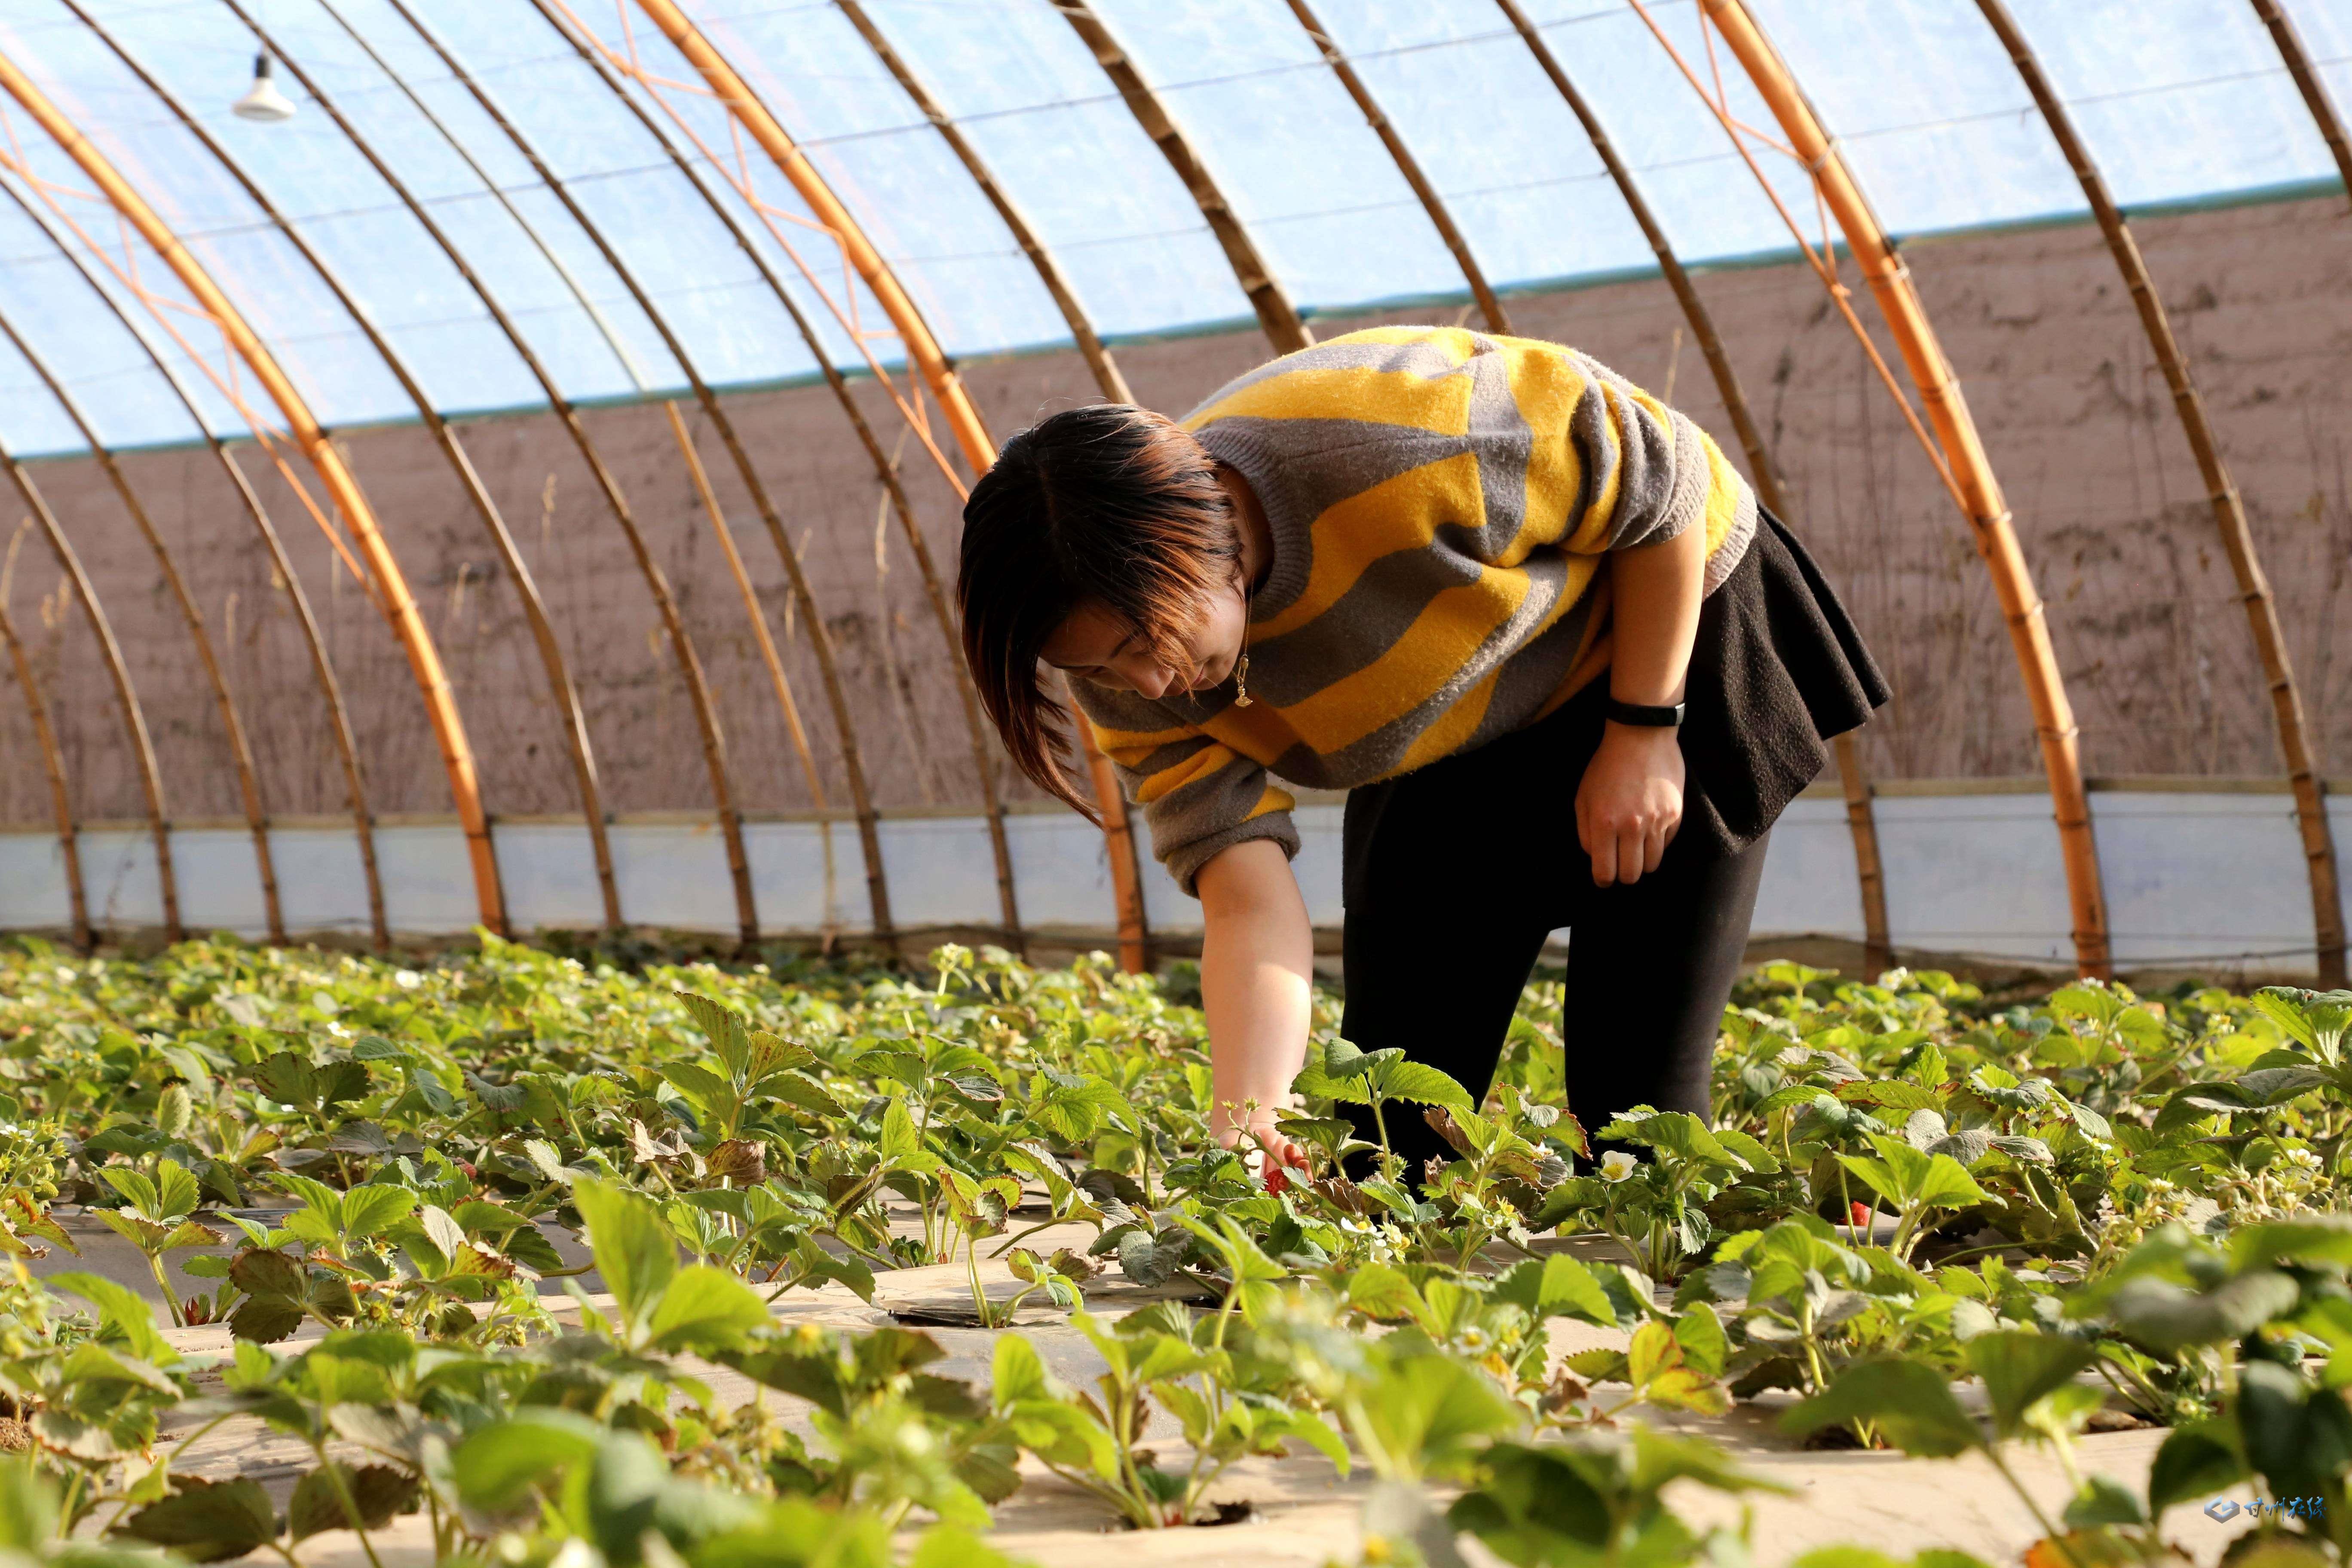 张掖:冬日草莓红 游客采摘乐